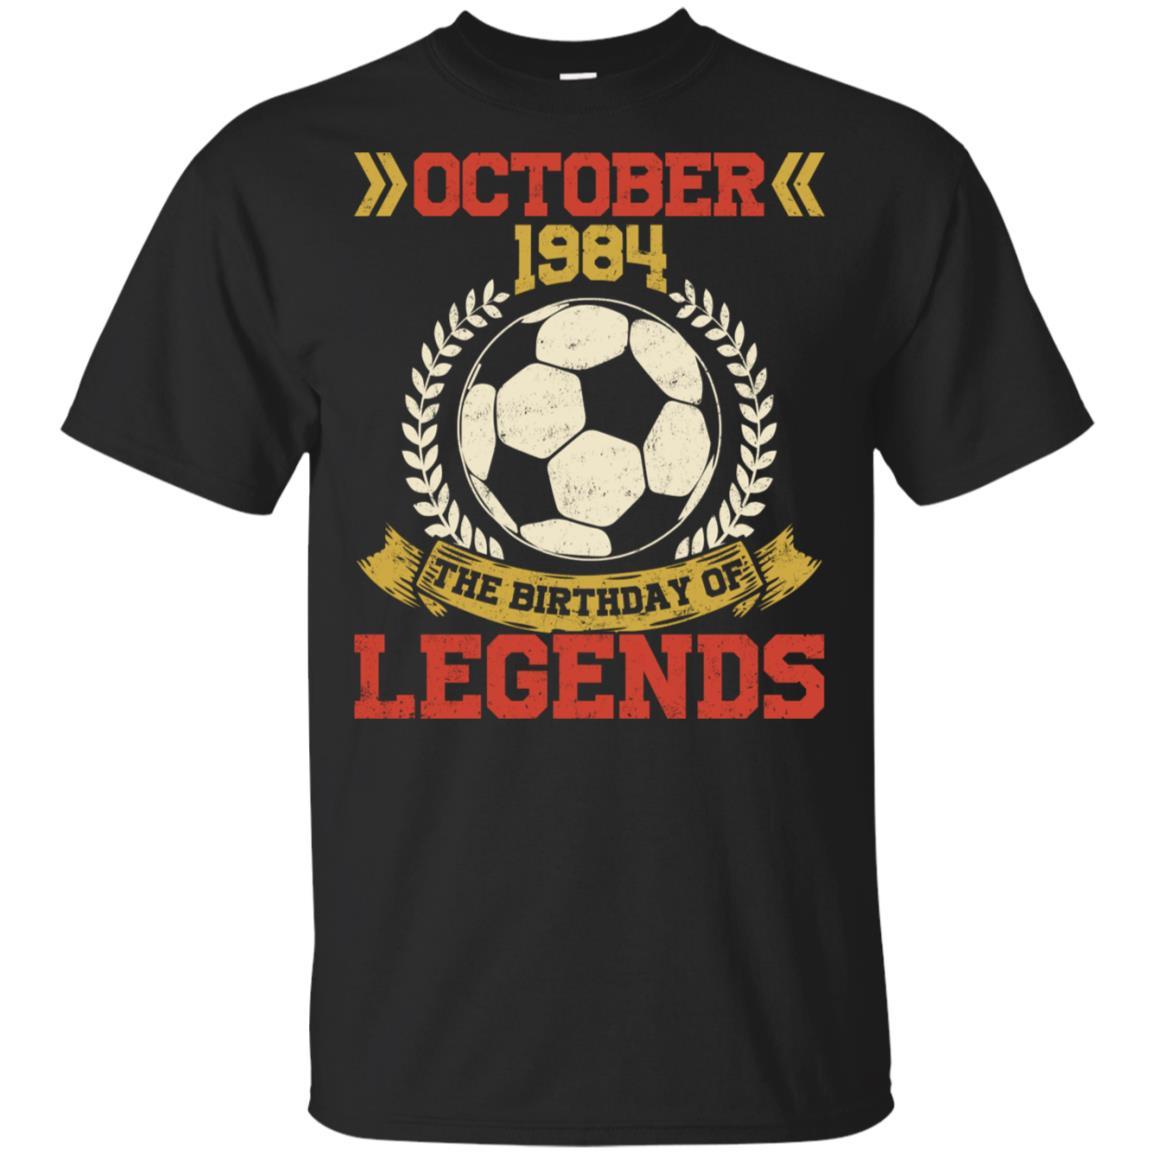 1984 October 34th Birthday Of Football Soccer Legend Unisex Short Sleeve